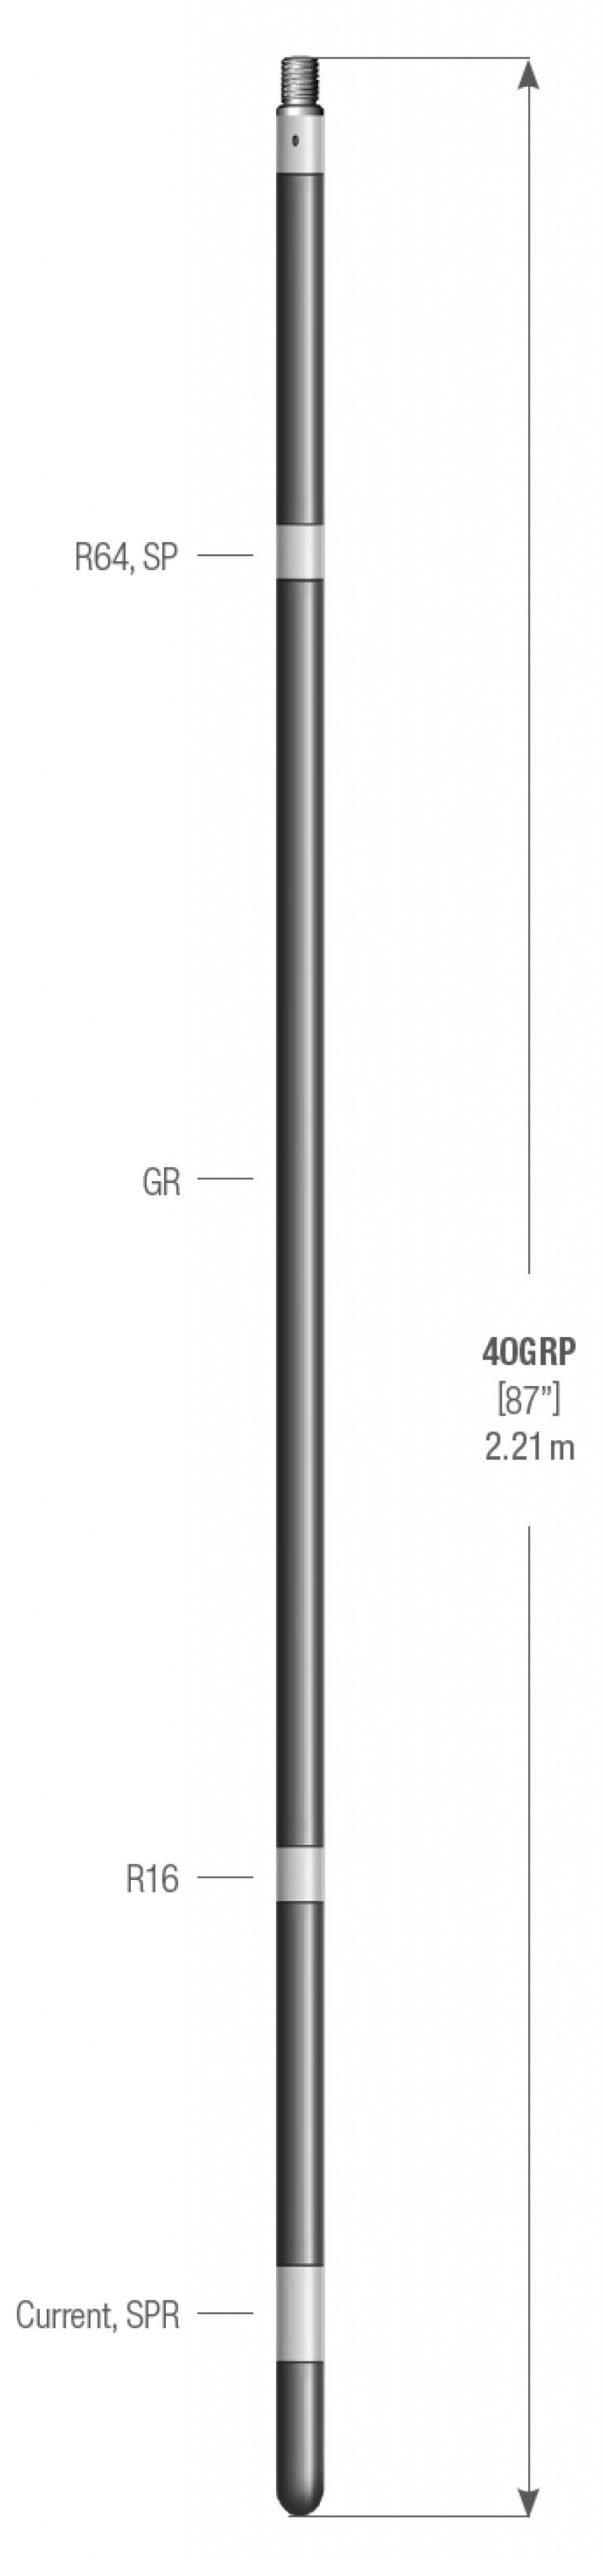 40GRP Probe Image